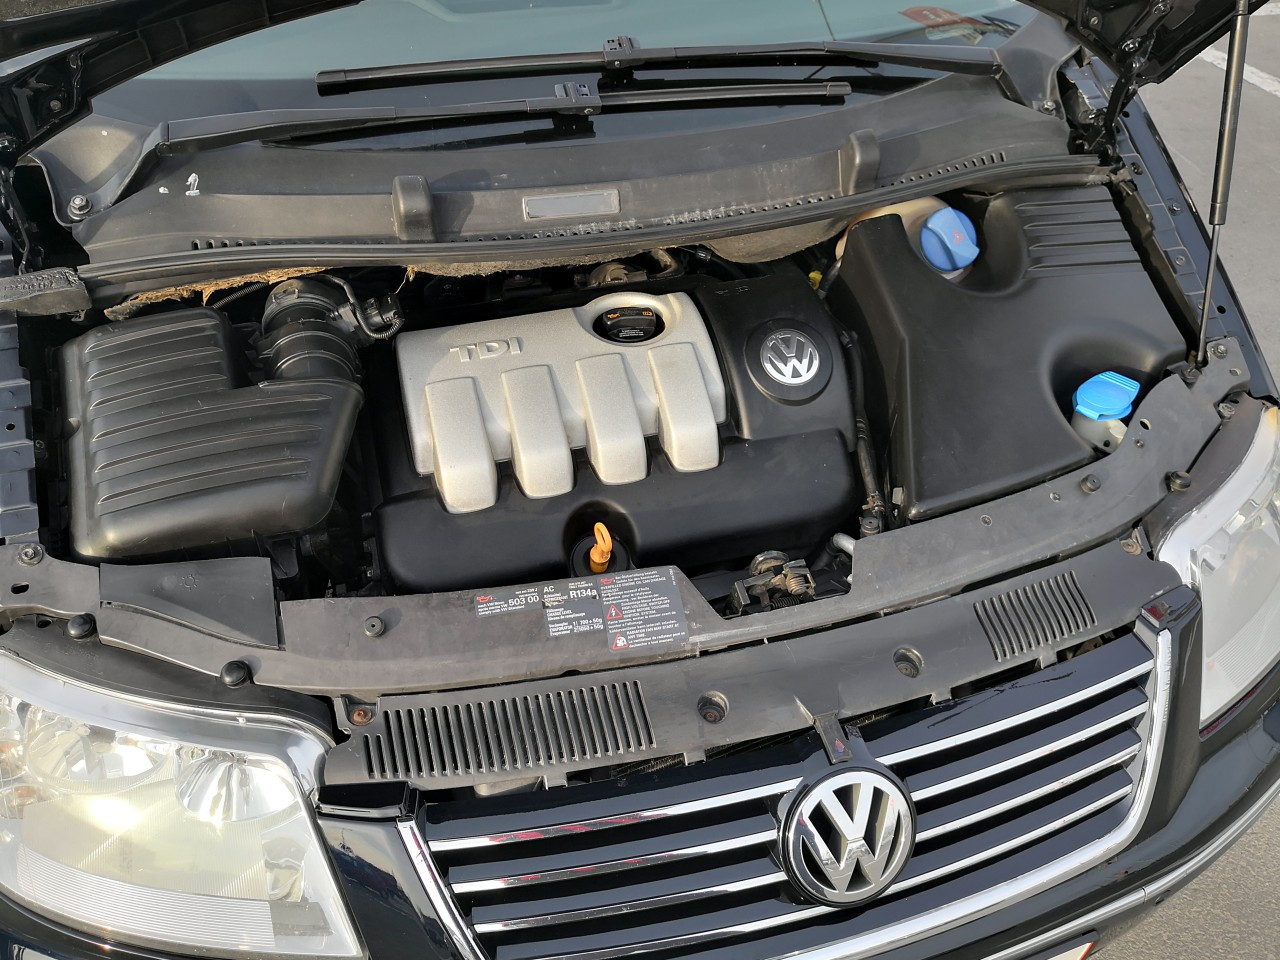 VW Sharan Special 1.9TDI 150CP 2006